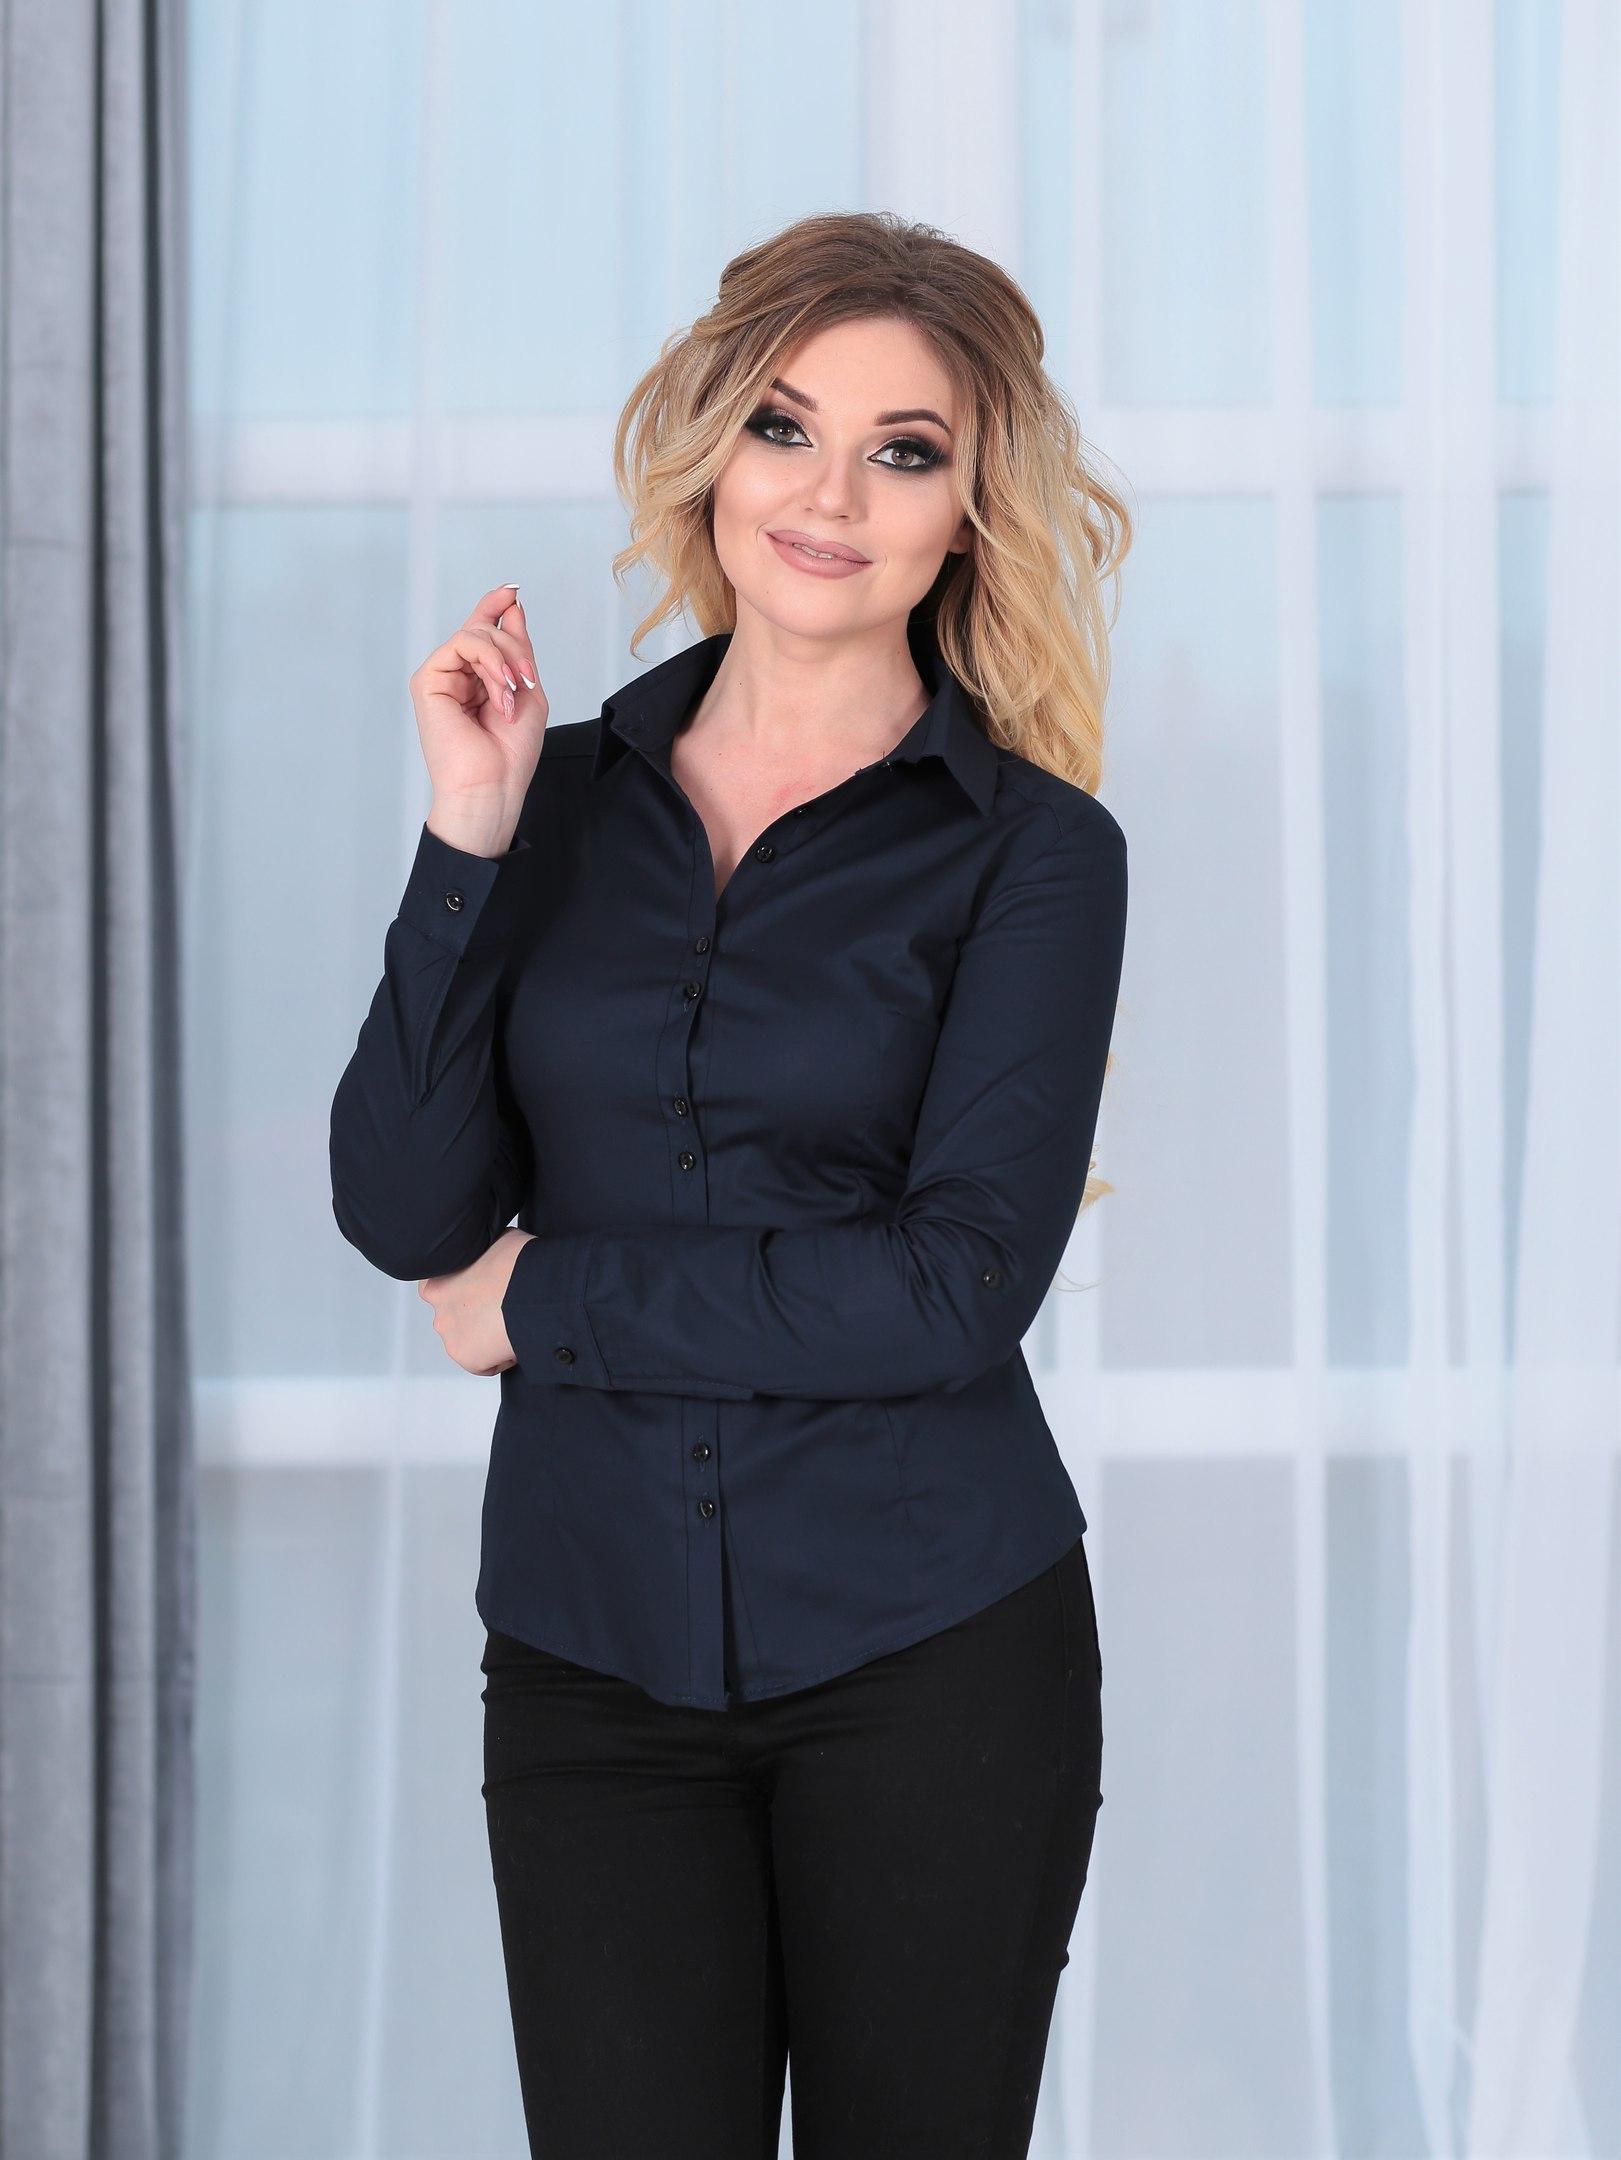 dc59185c79f В женском гардеробе обязательно наличие стильной рубашки